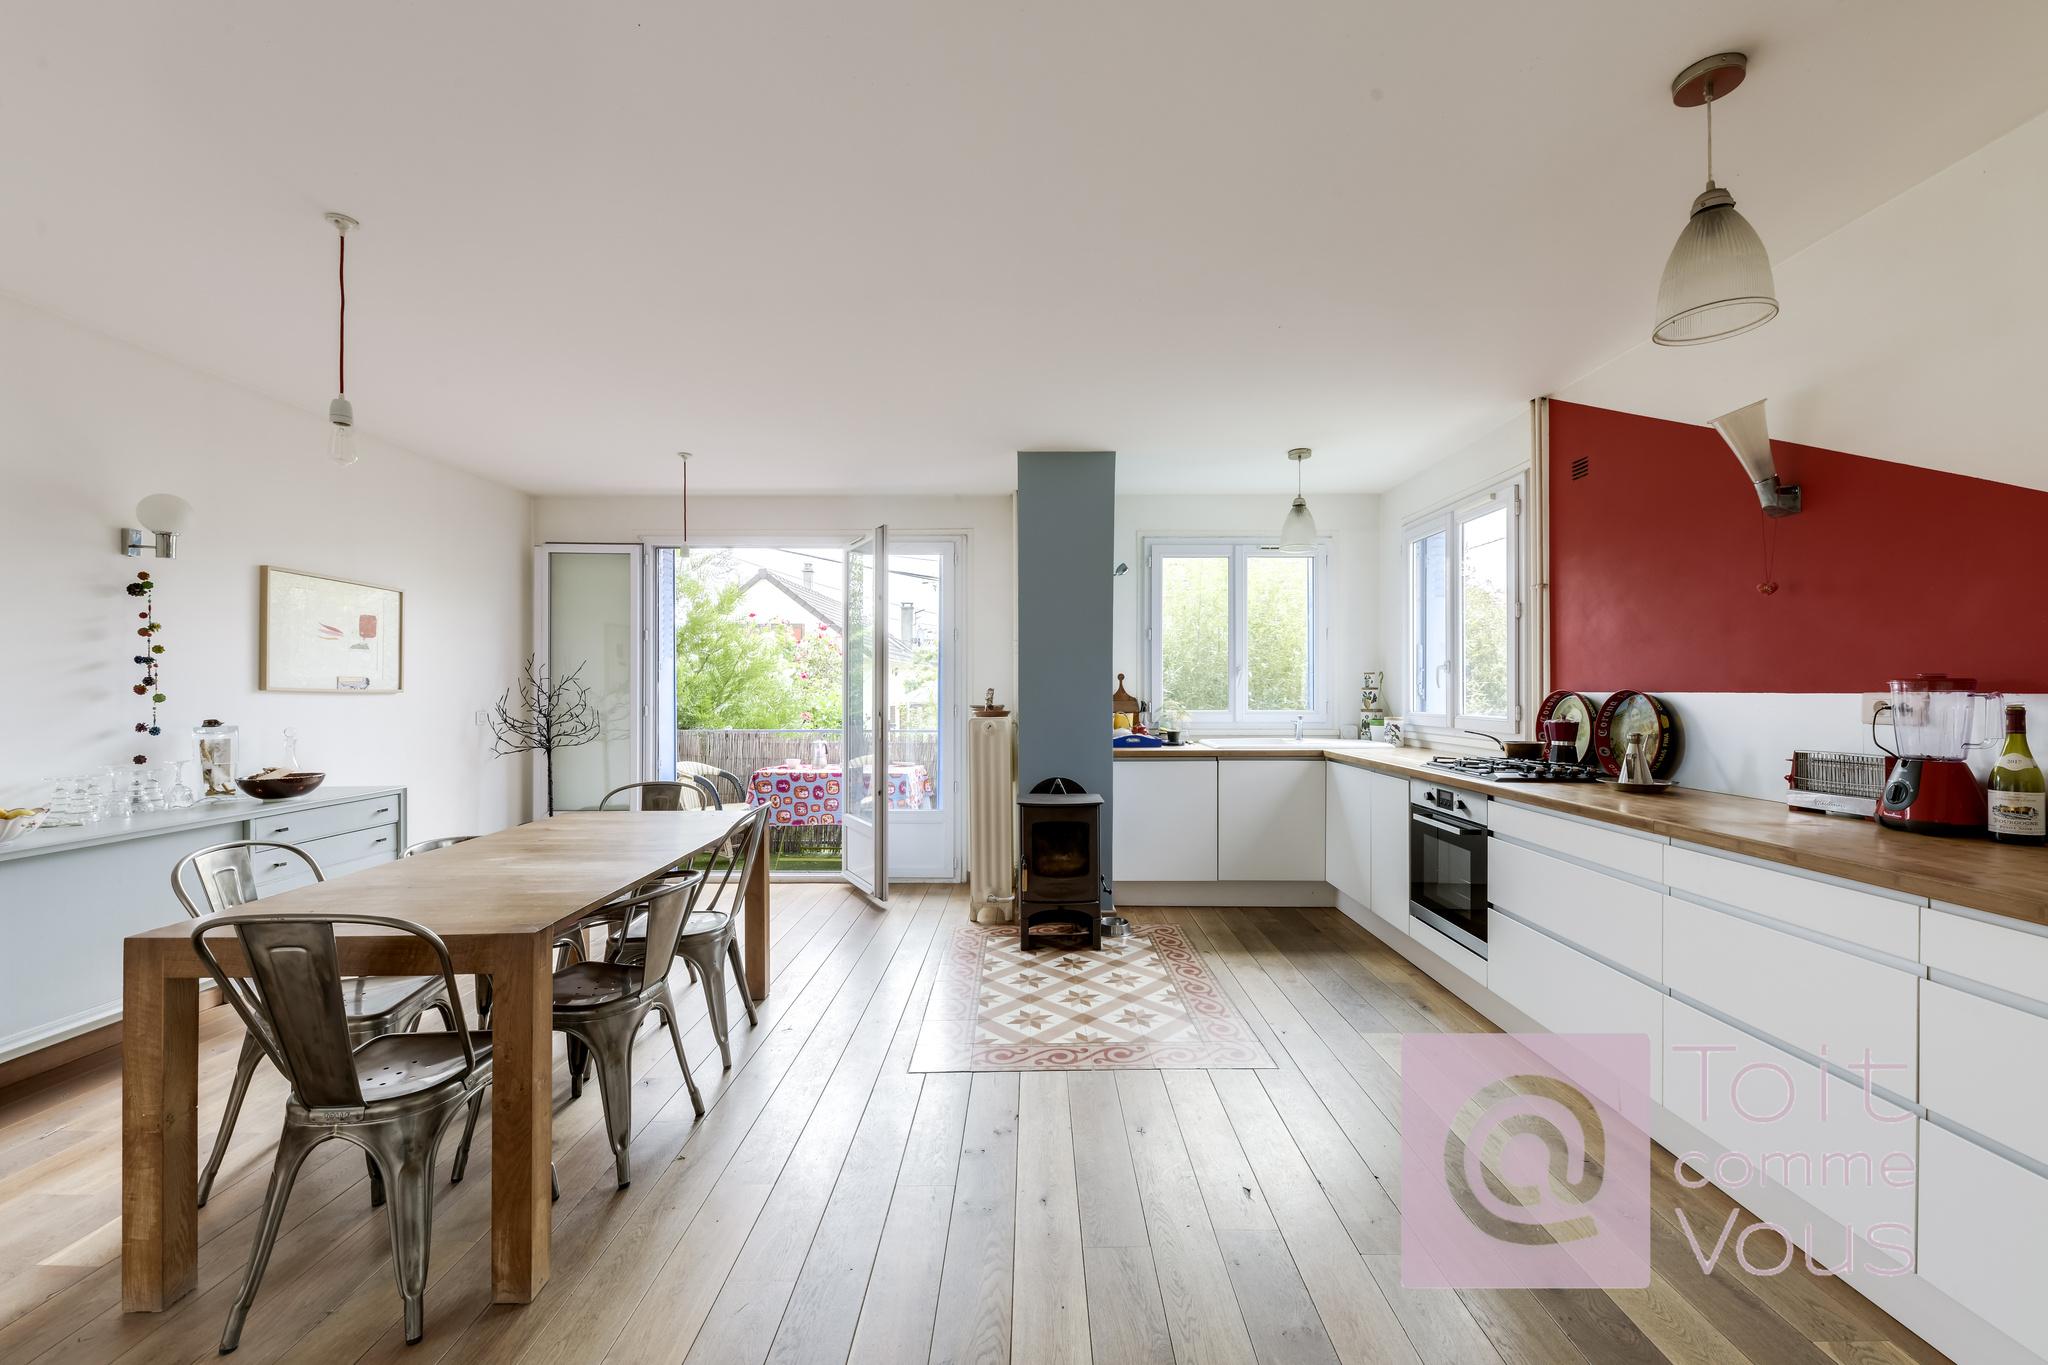 vente Maison individuelle de 163m2 avec un jardin de 140m2